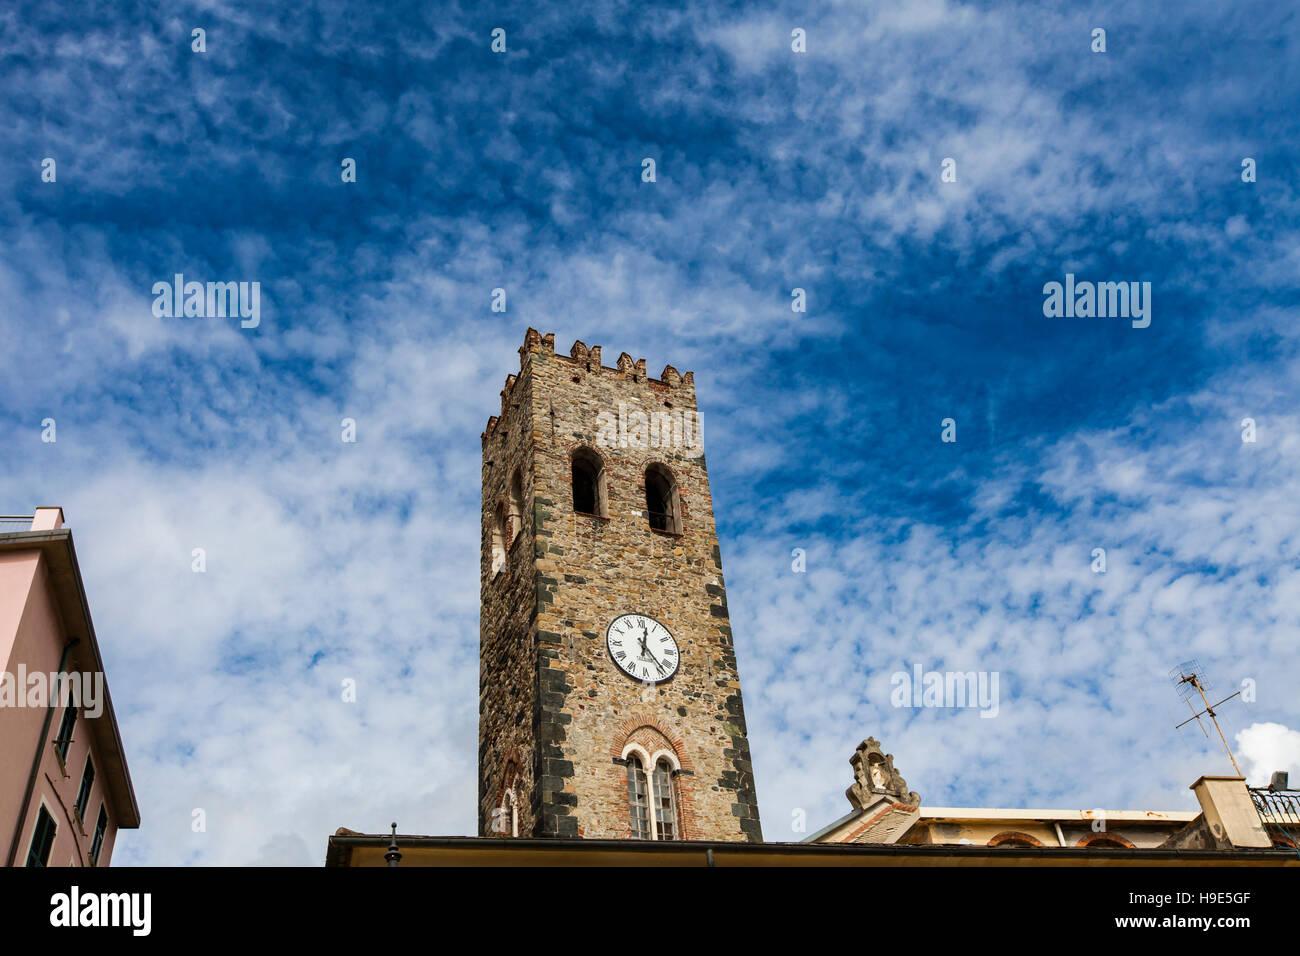 Clocher de l'église paroissiale de San Giovanni Battista à Monterosso, Italie Banque D'Images